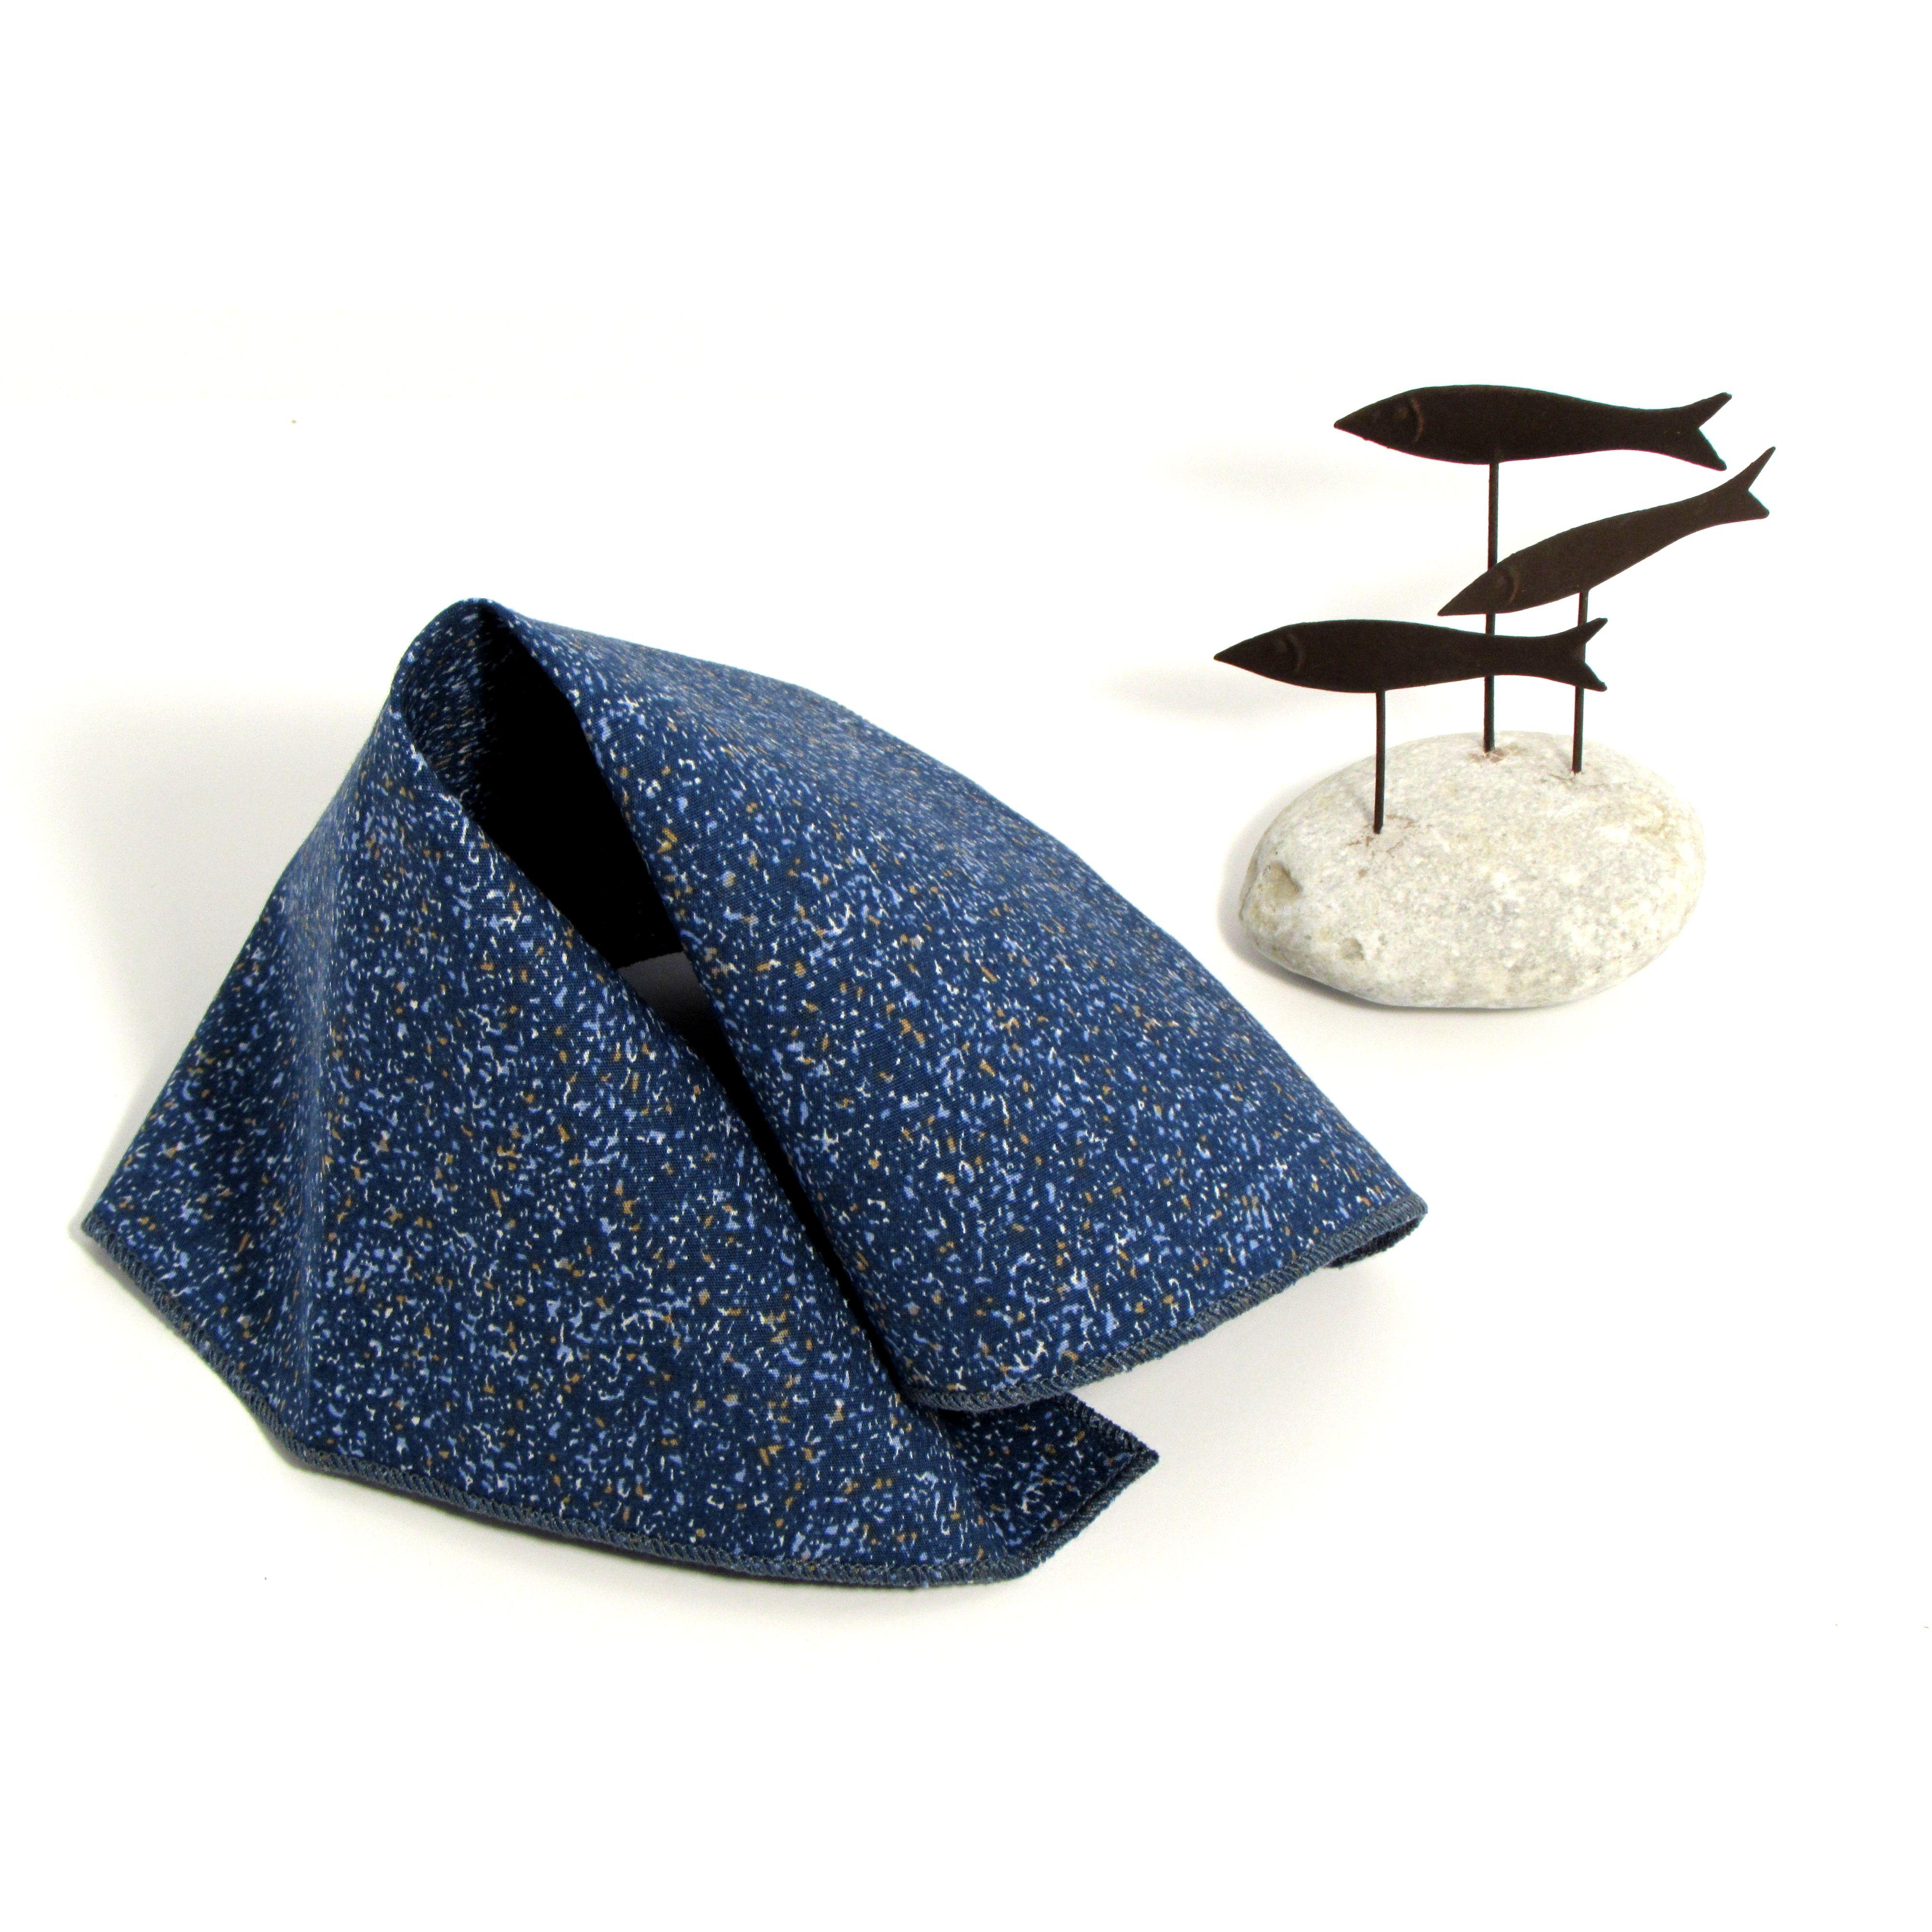 Pocket Square Sea, 100% cotton, a exlcusive edition